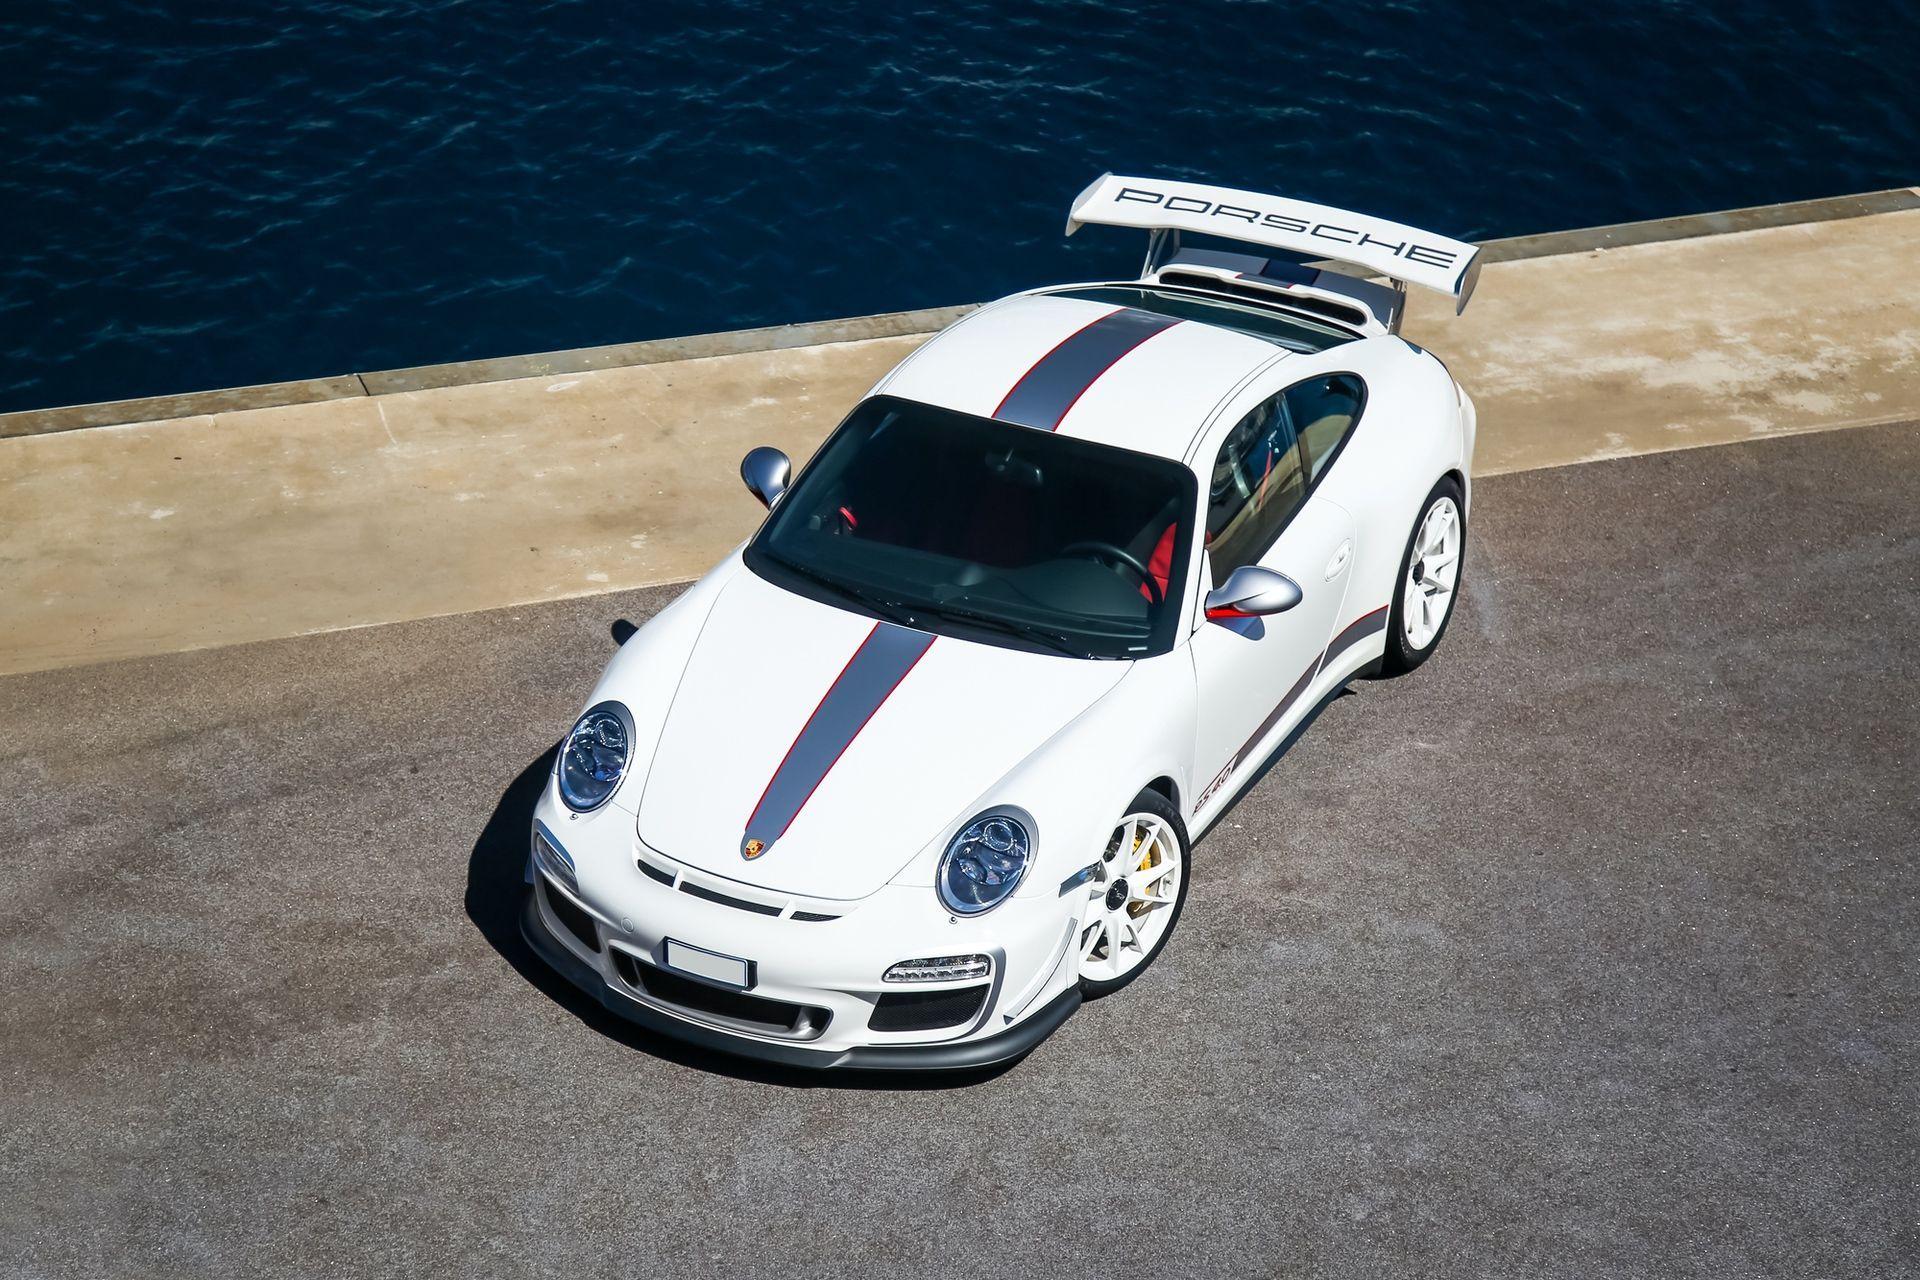 2011_Porsche_911_GT3_RS_4.0_sale_0043